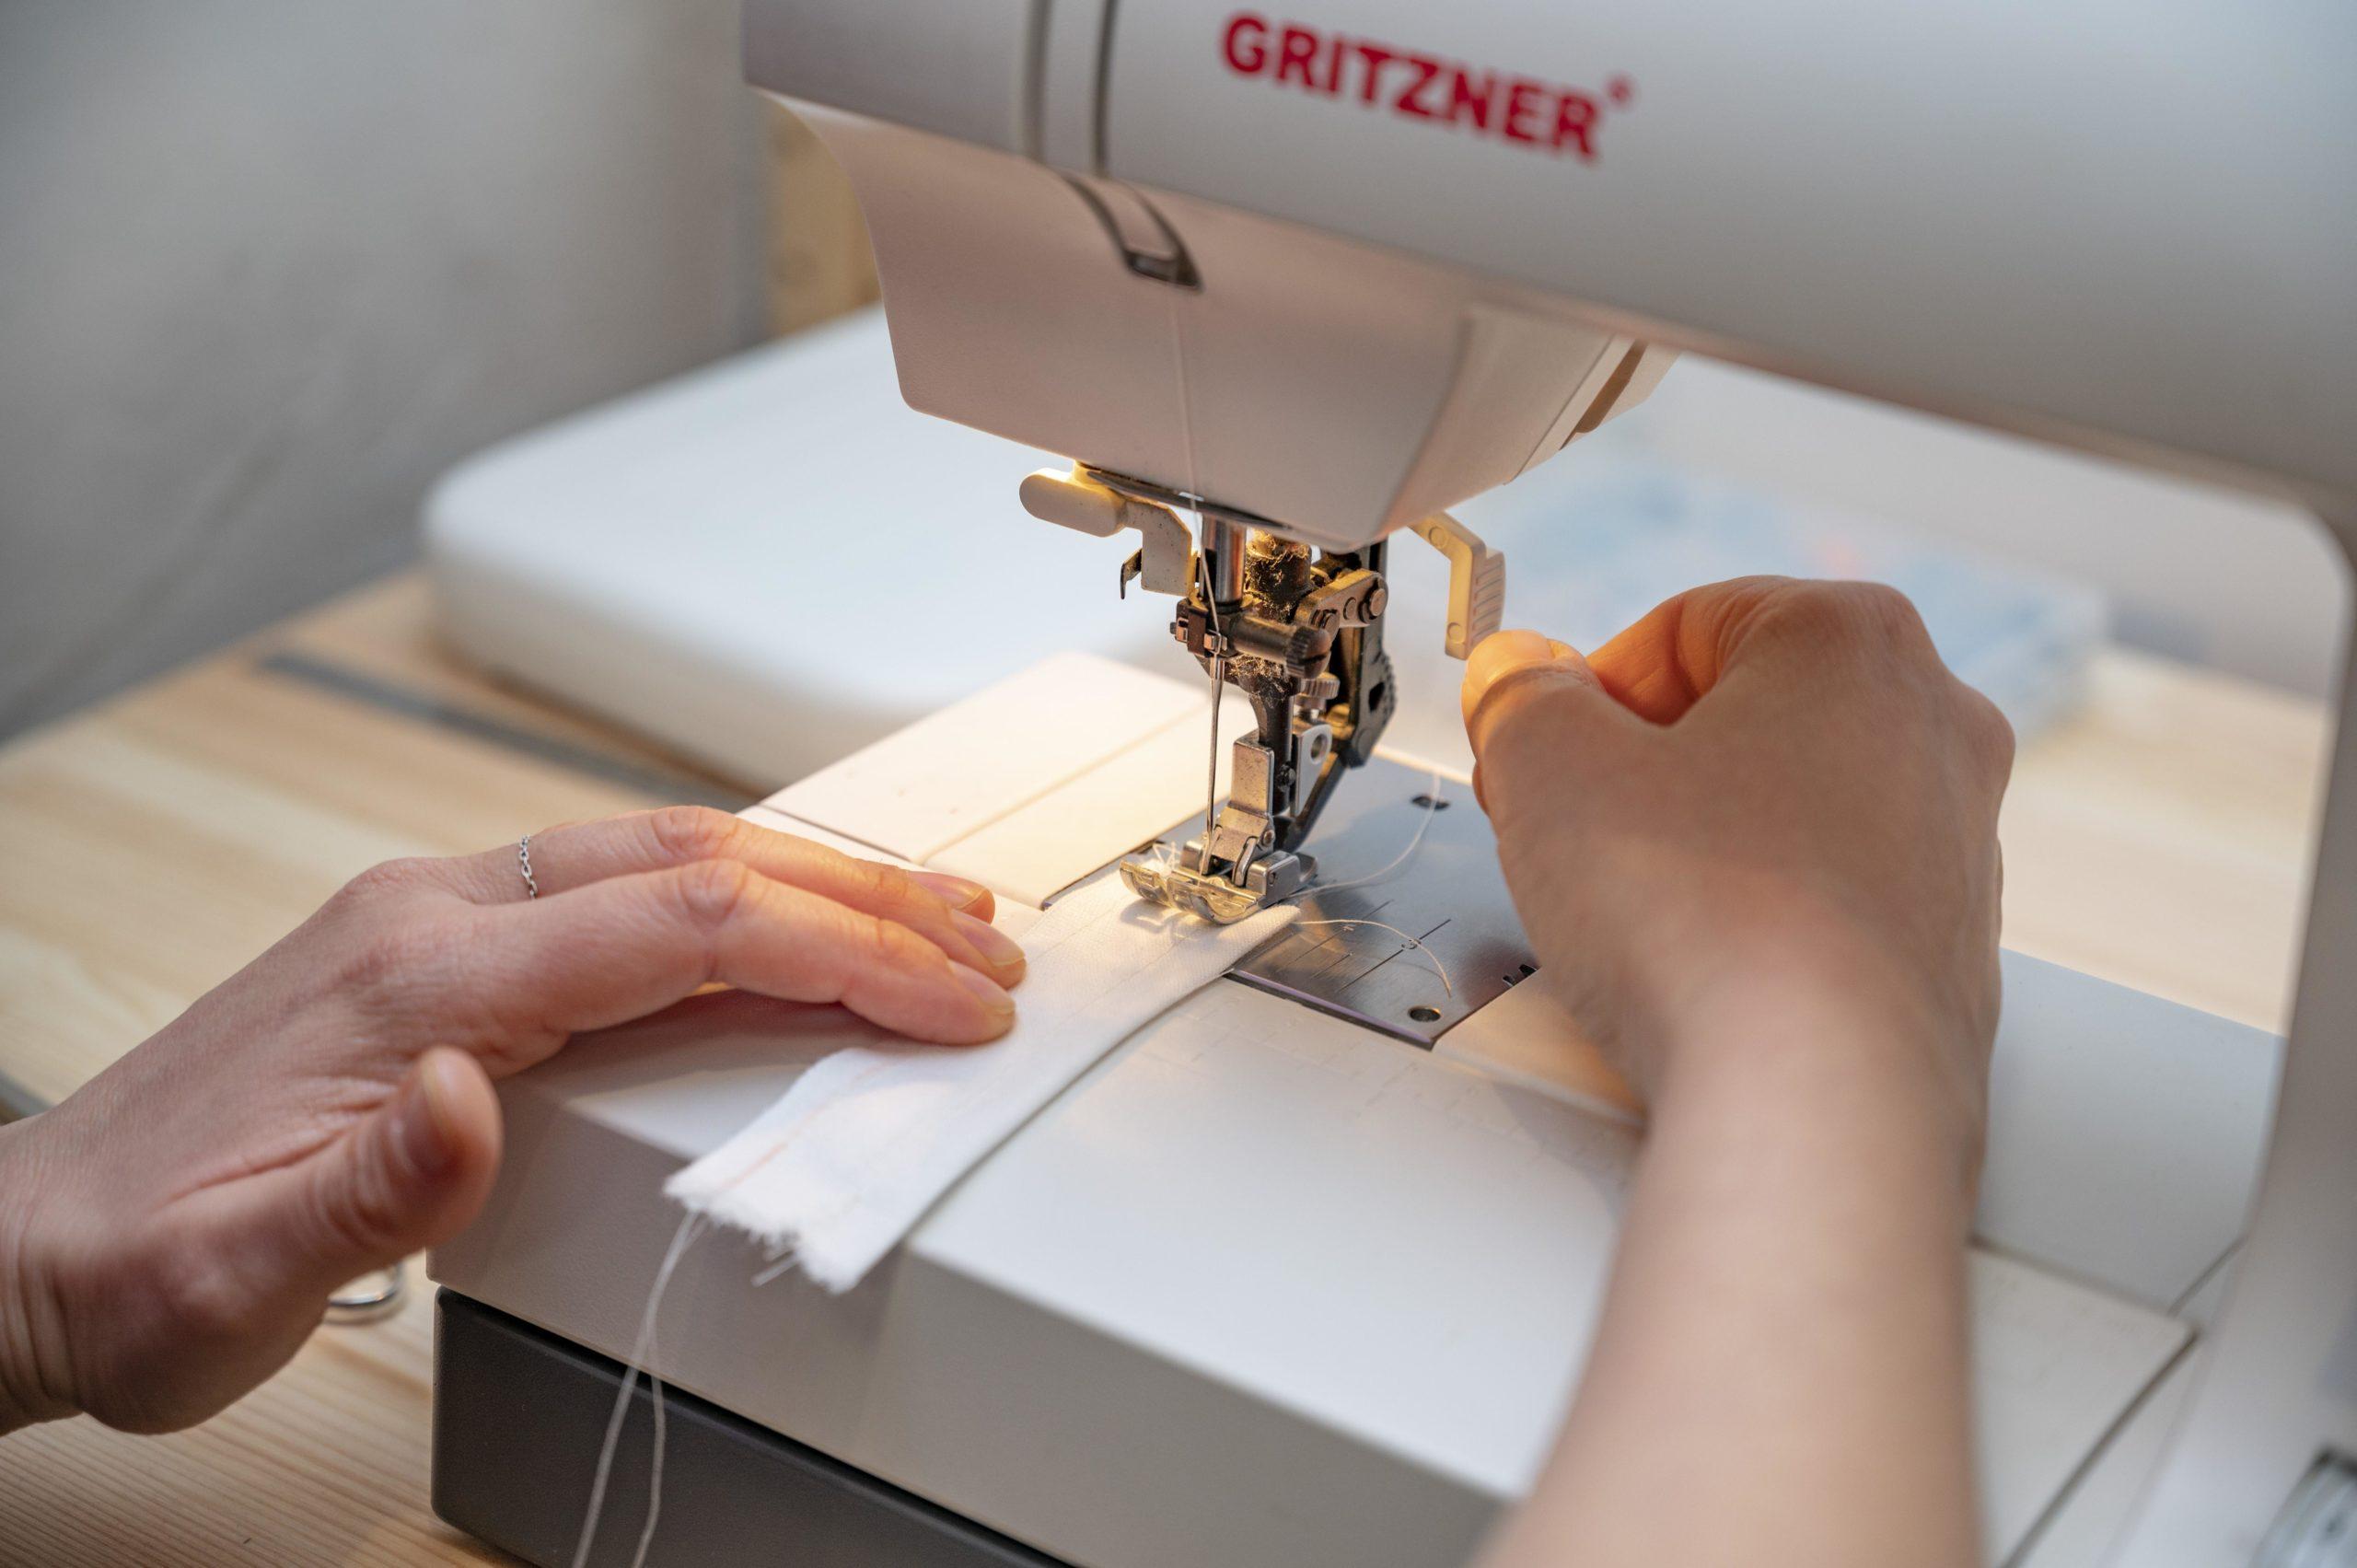 Personne en train d'apprendre à coudre à la machine à coudre gritzner ou singer pendant un cours de couture à Nice centre ville